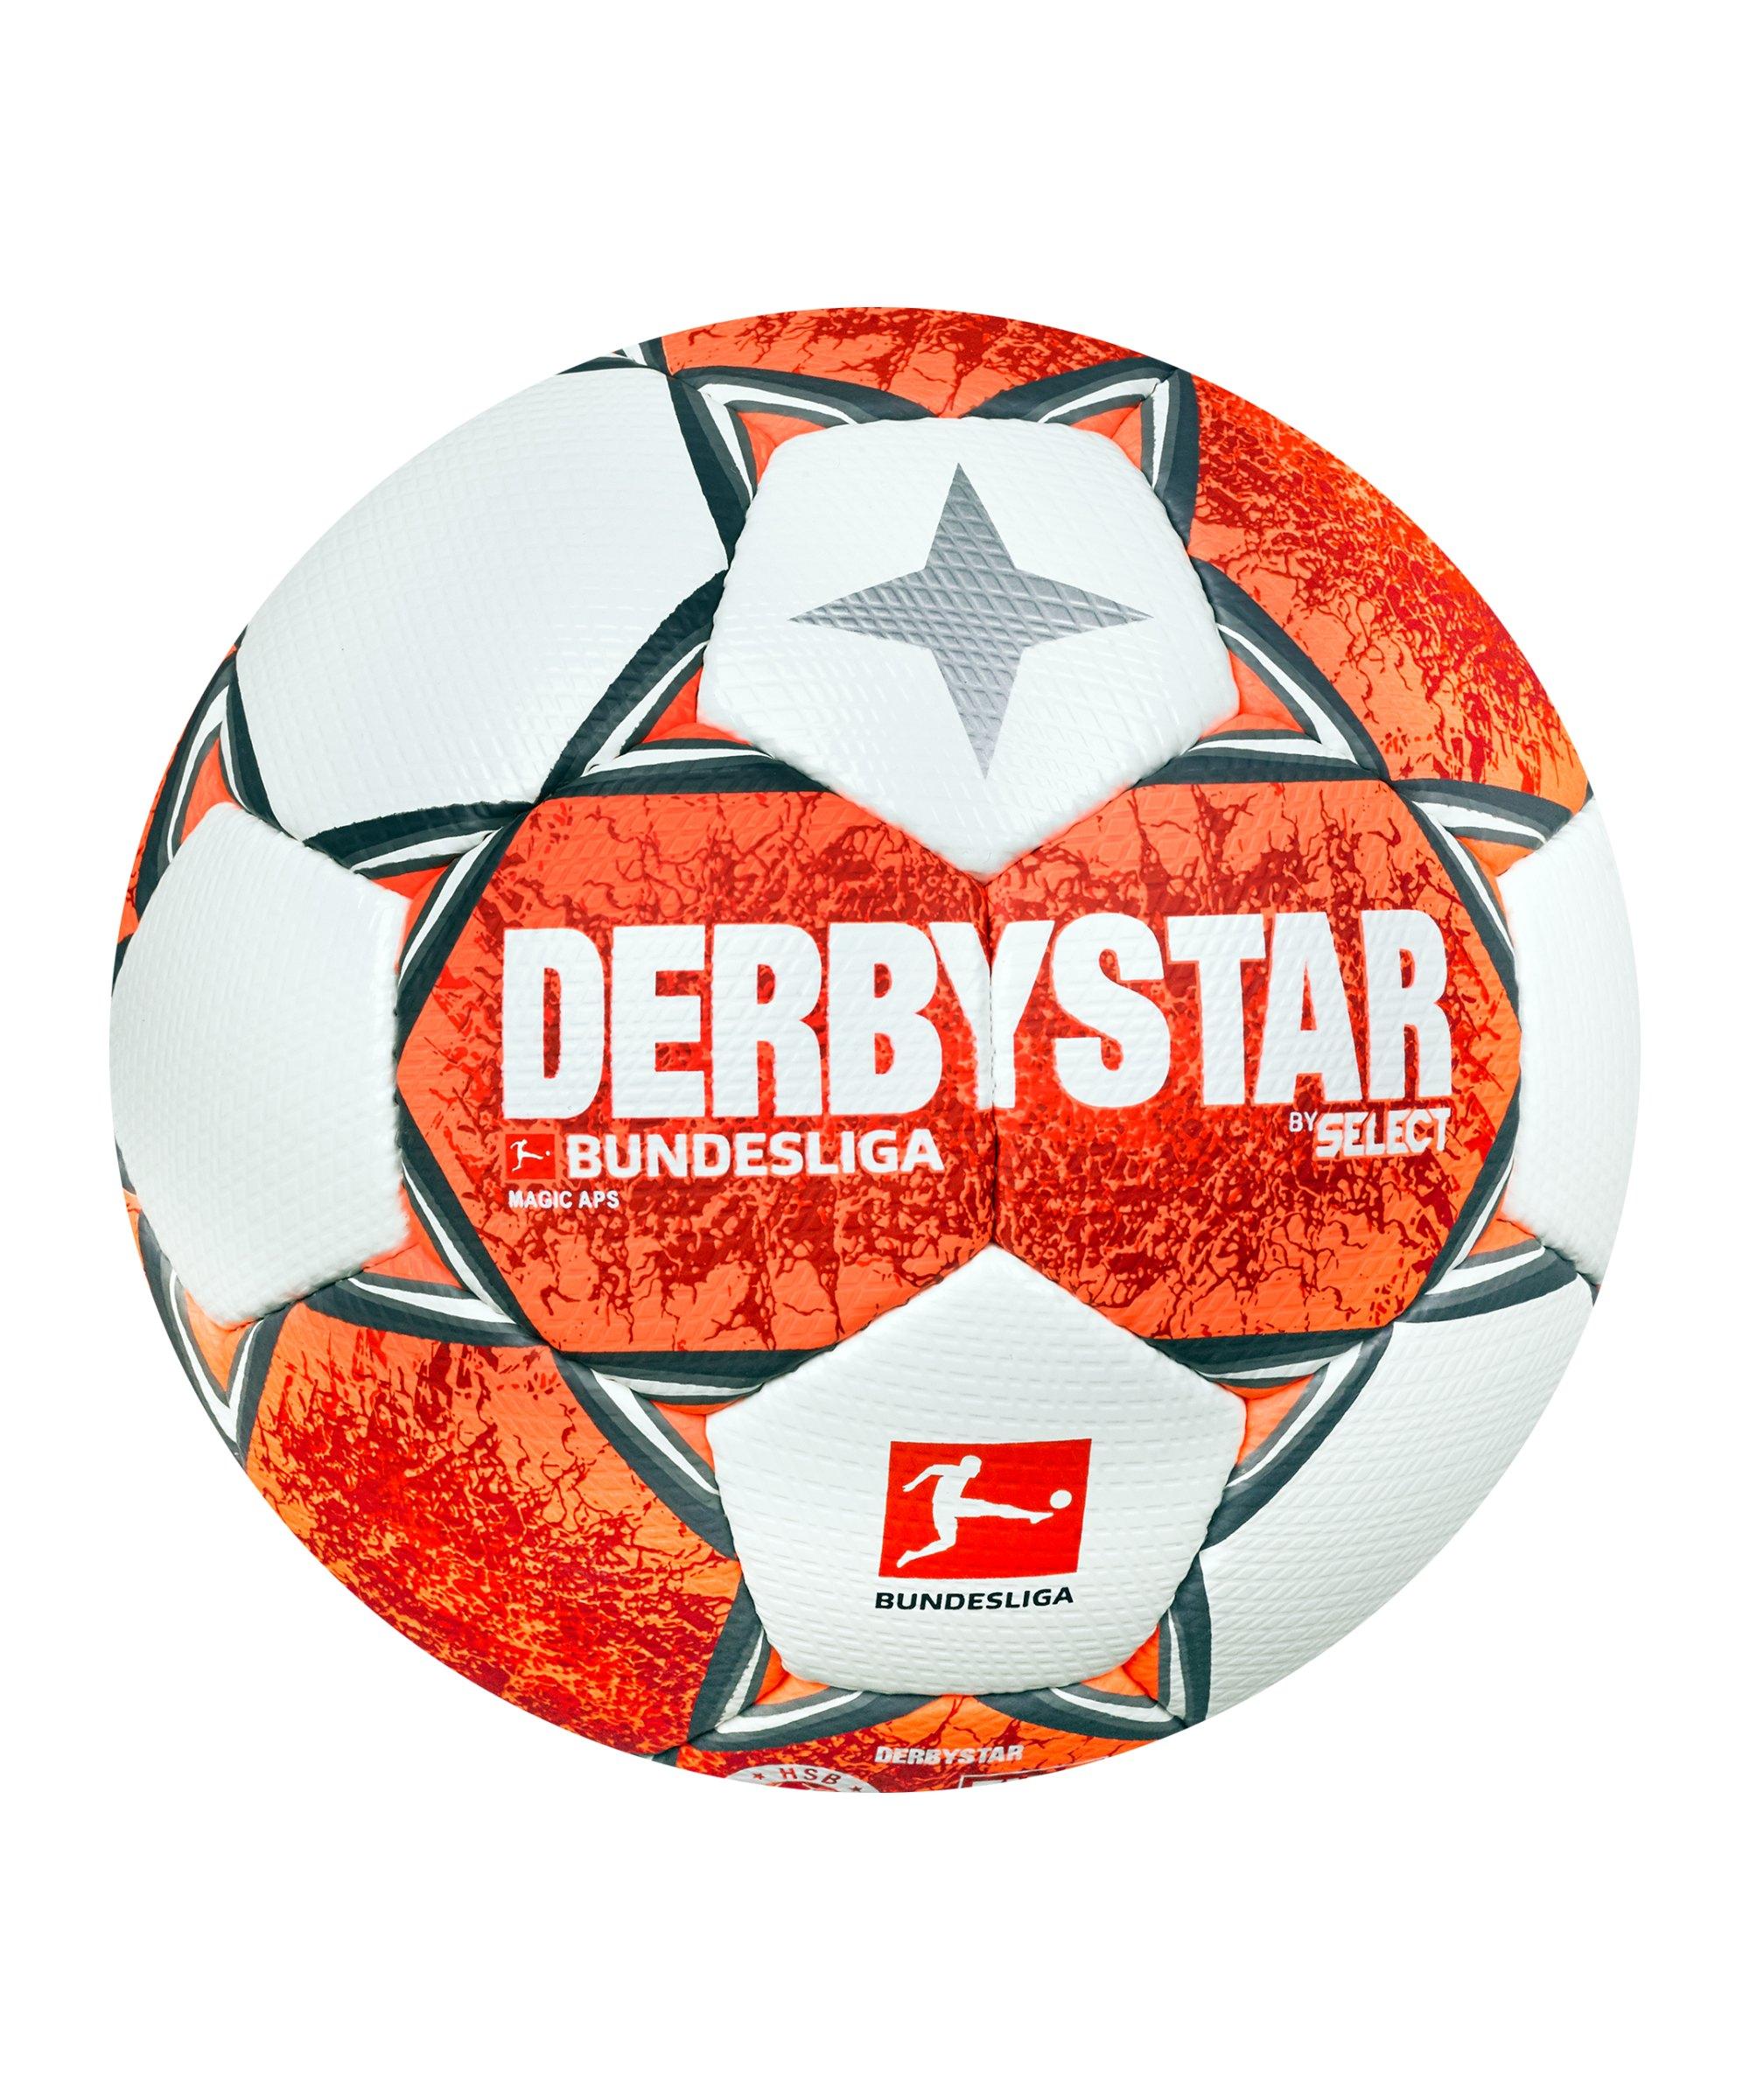 Derbystar Bundesliga Magic APS v21 Spielball 2021/2022 Orange Grau Weiss F021 - orange